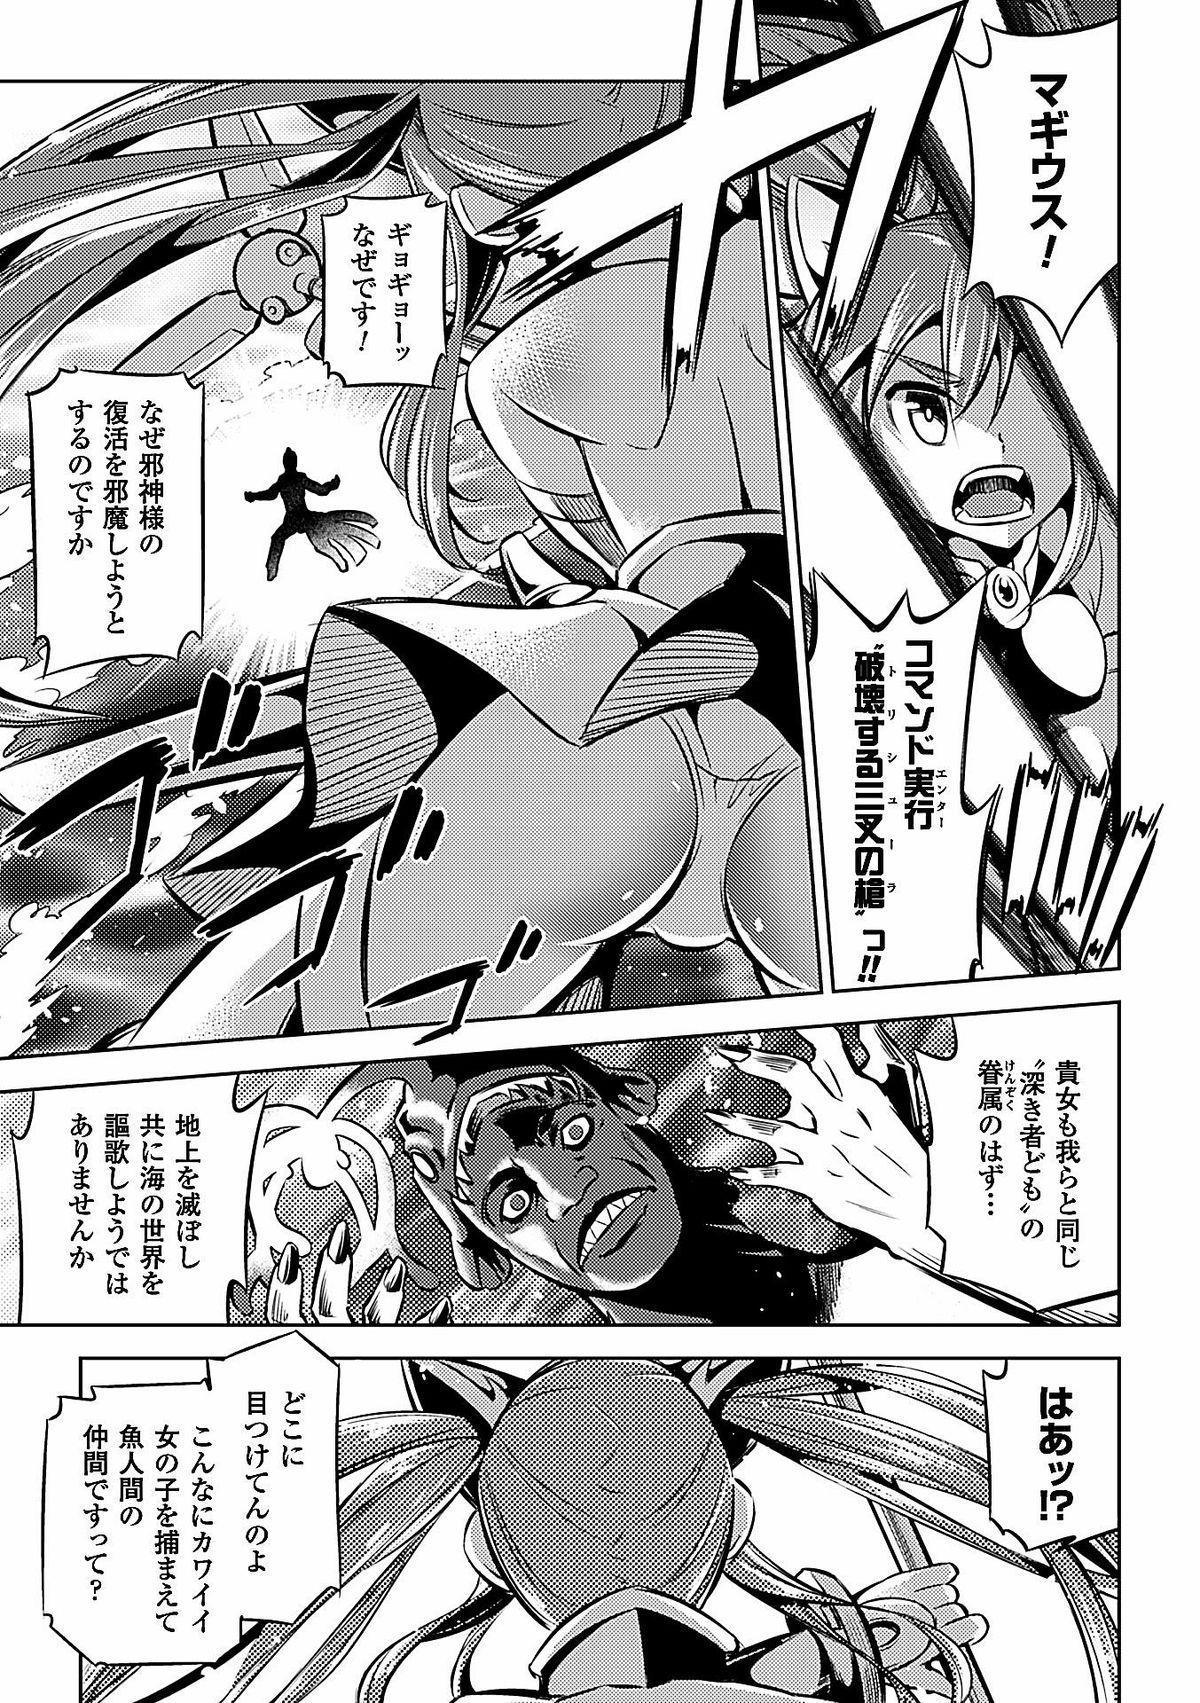 2D Comic Magazine Dengekisemeni Zecchouacmesuru Heroine tachi! Vol.1 24